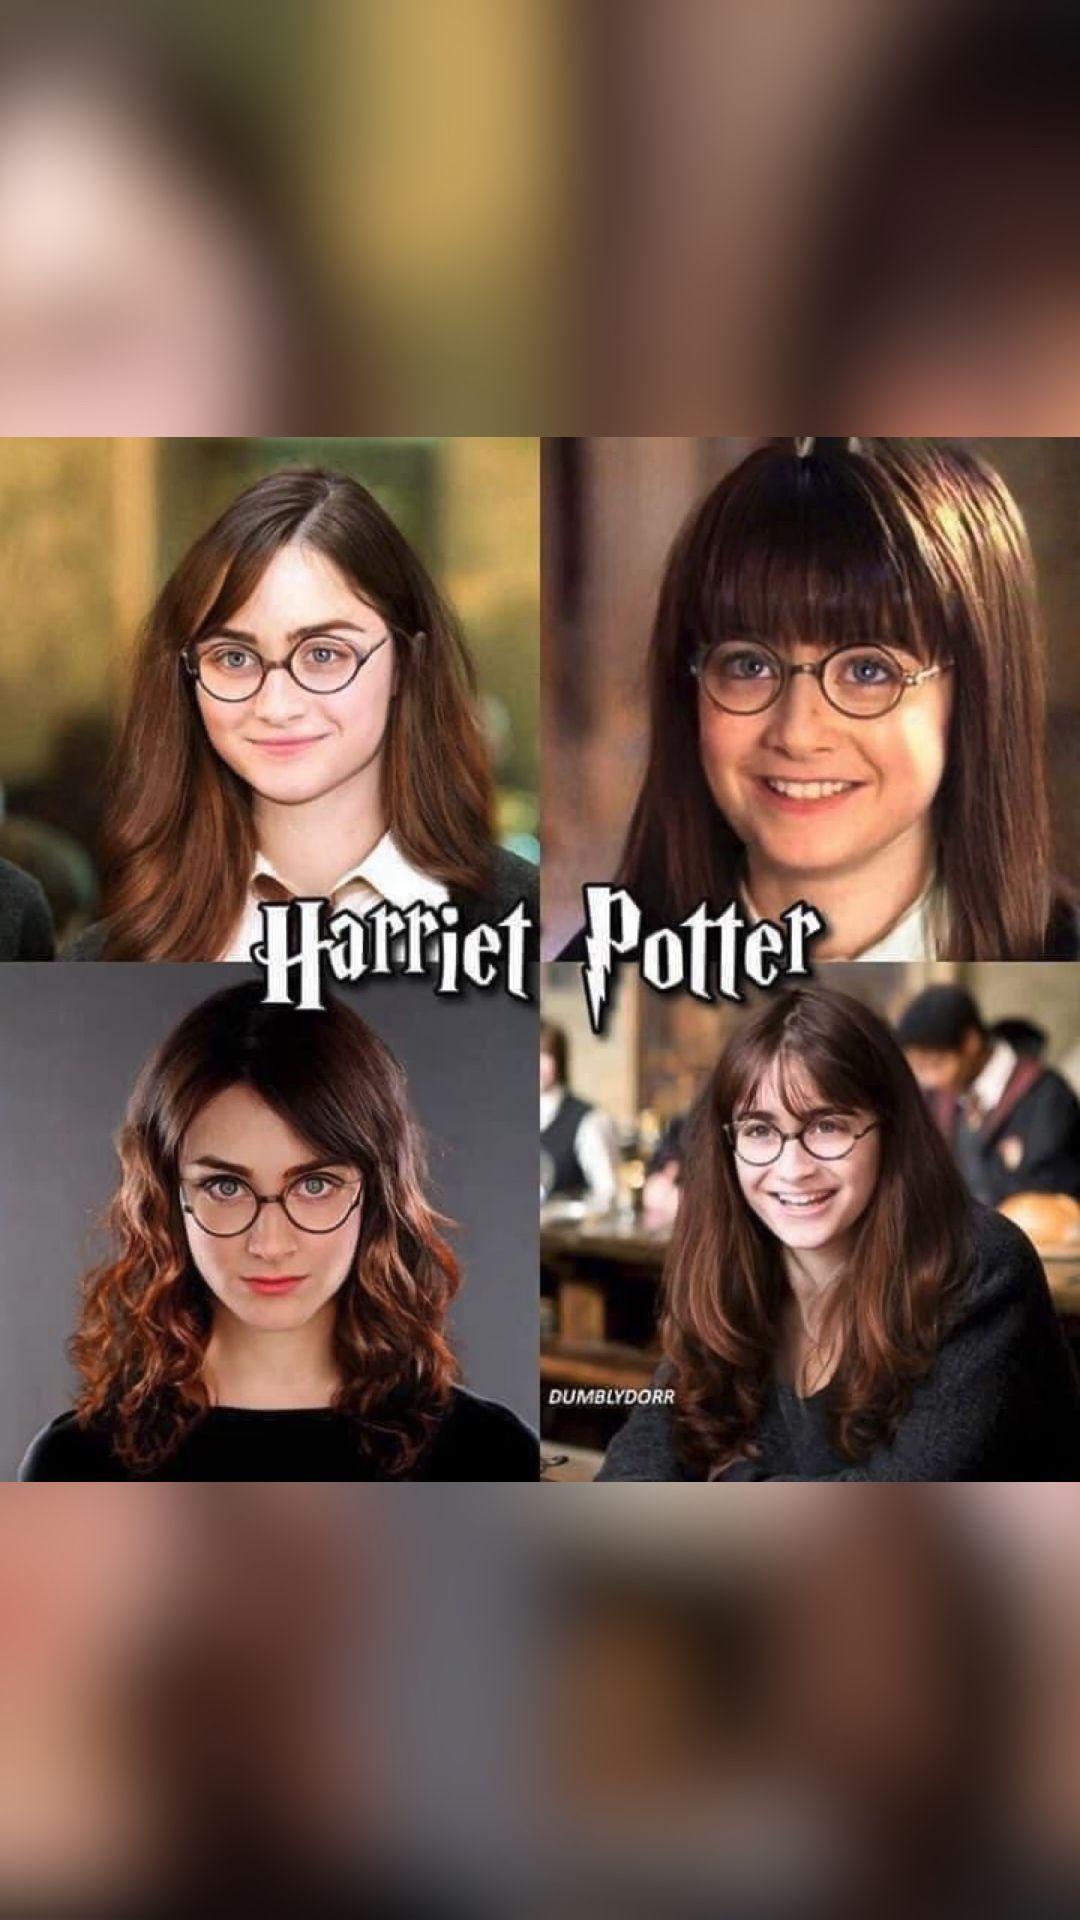 Harriet Potter 😂🤣👌